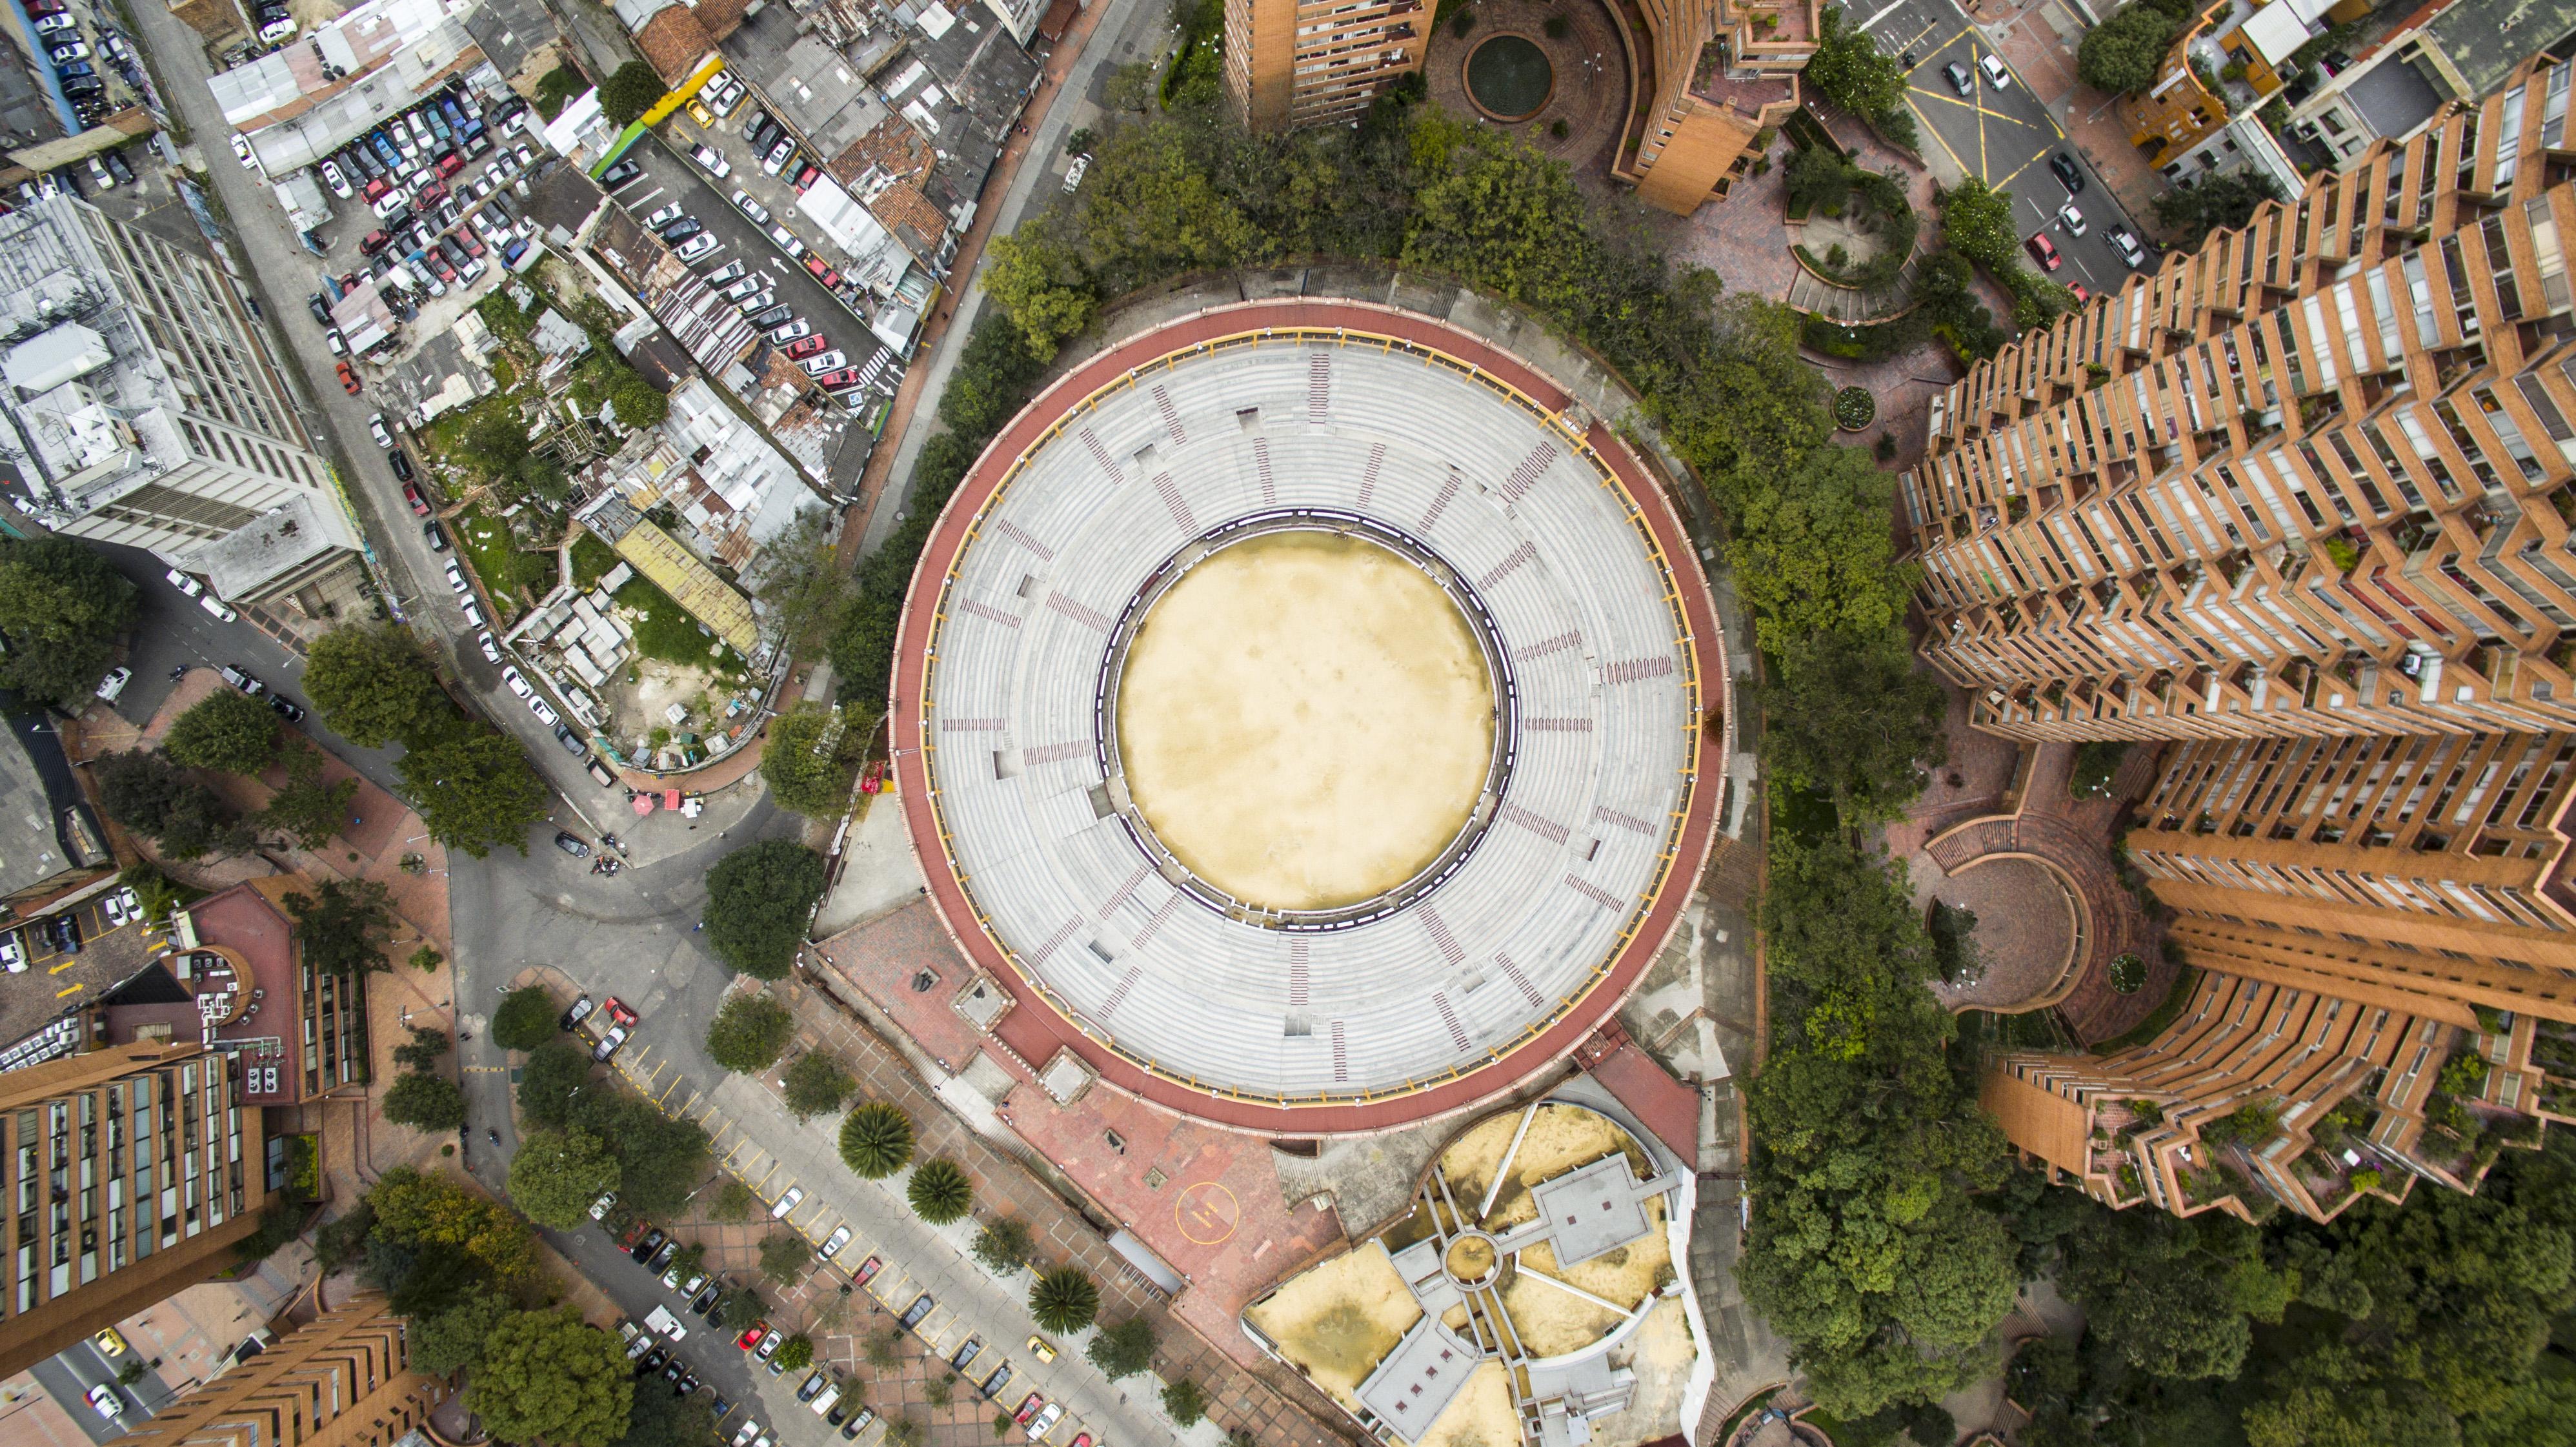 Plaza La Santa María, Bogotá